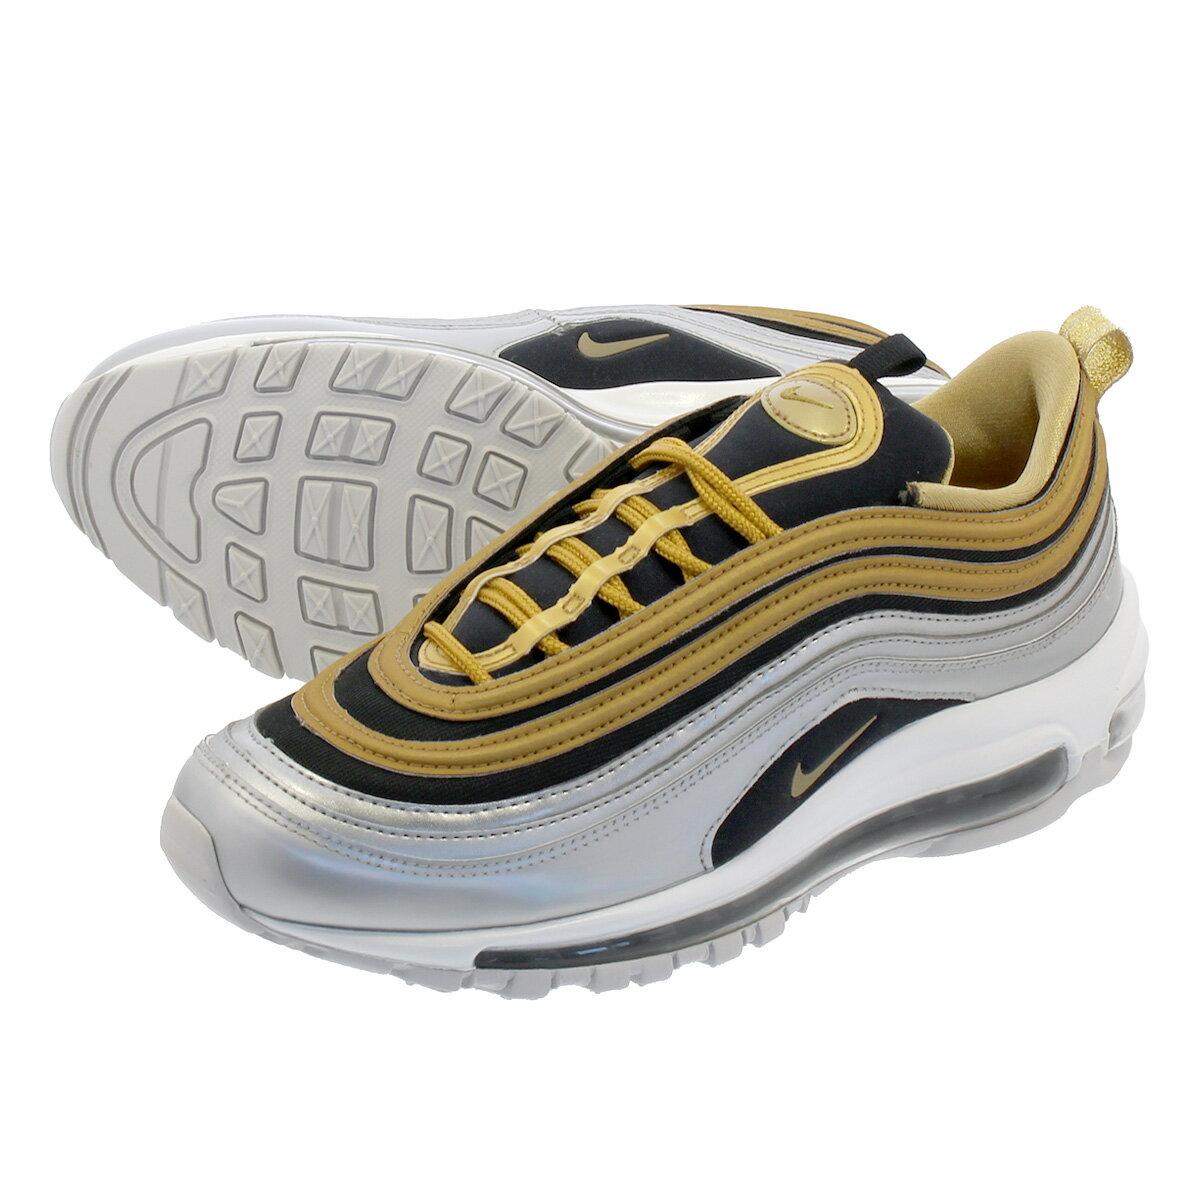 メンズ靴, スニーカー NIKE WMNS AIR MAX 97 SE 97 SE METALLIC SILVERMETALLIC GOLD aq4137-700